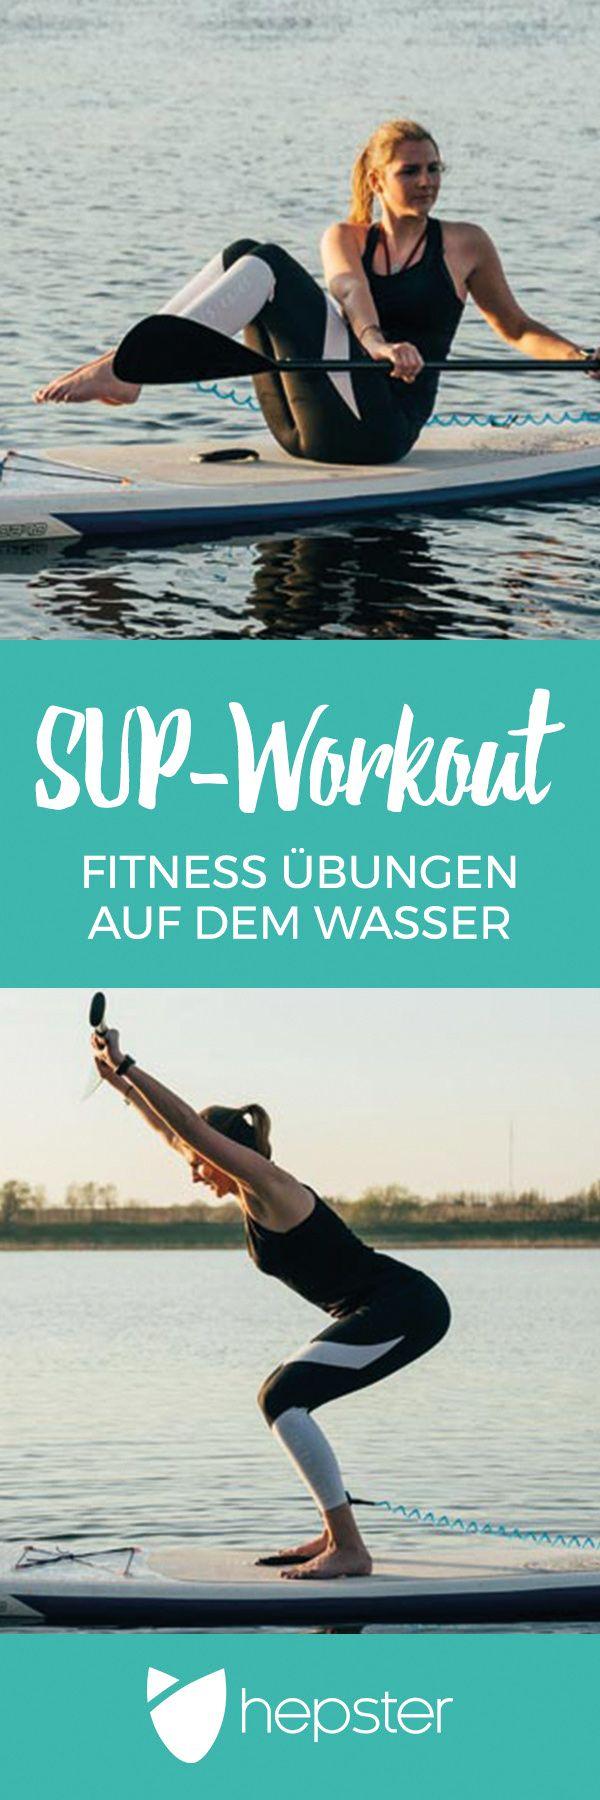 SUP-Workout – Training auf dem SUP für den ganzen Körper! Hier kommt ein Ganzk…